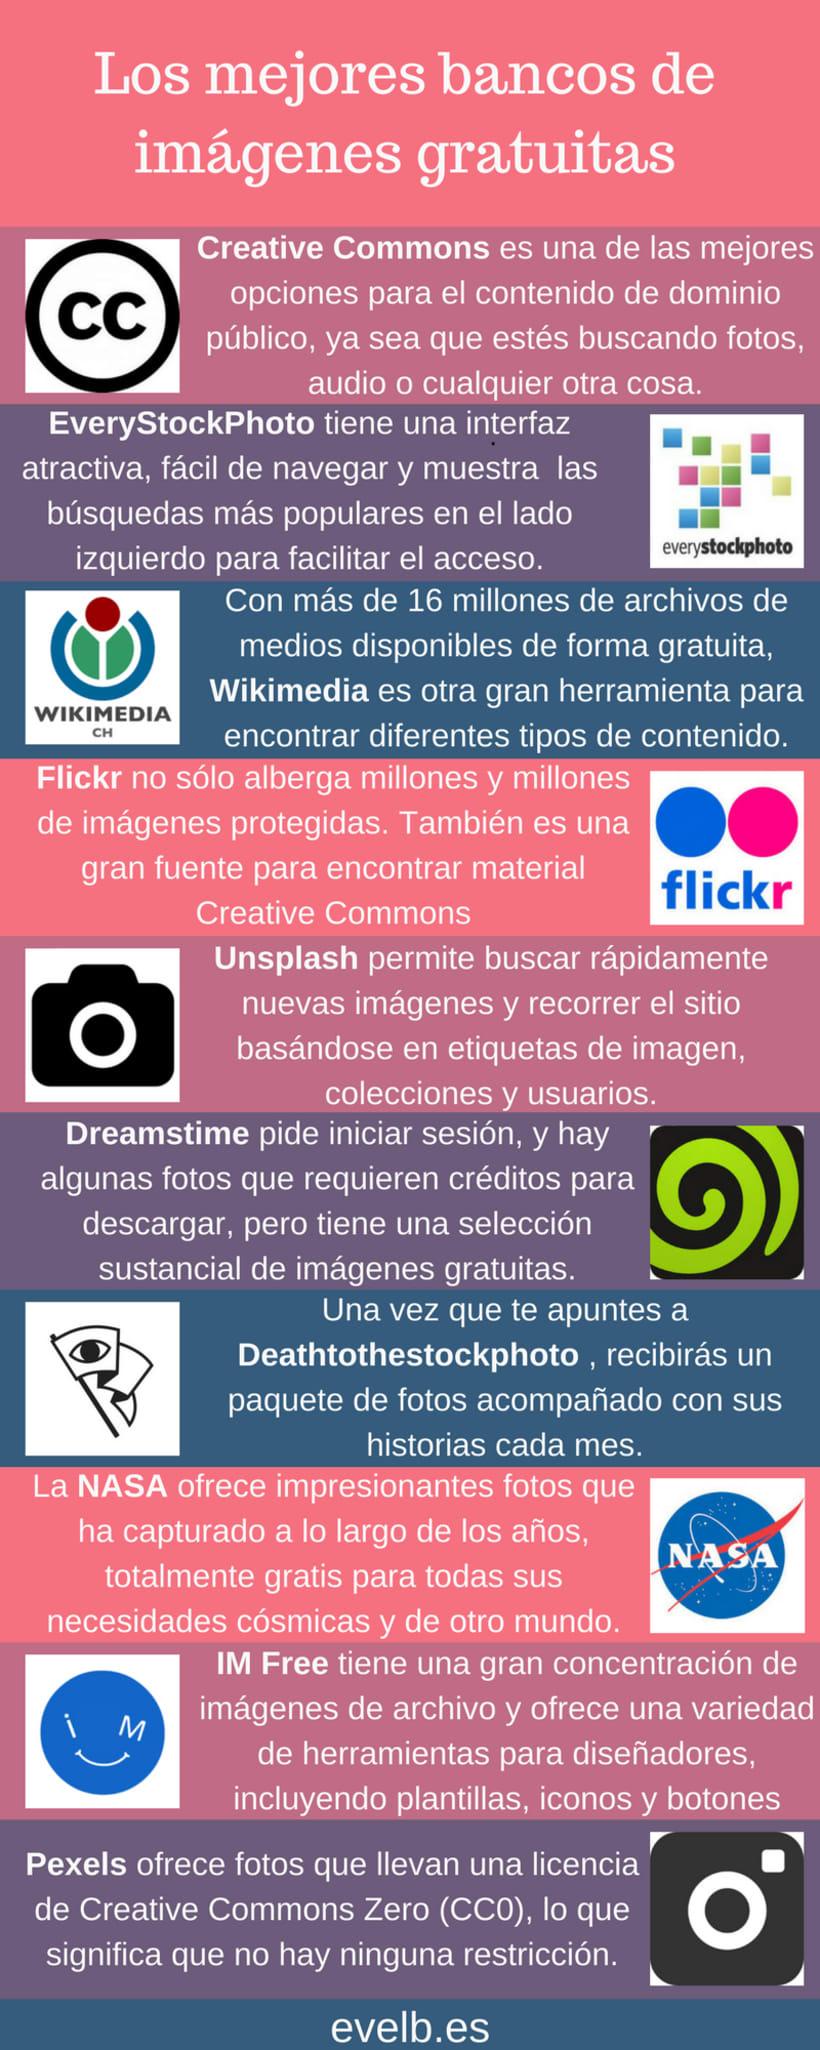 Infografías evelb.es 49